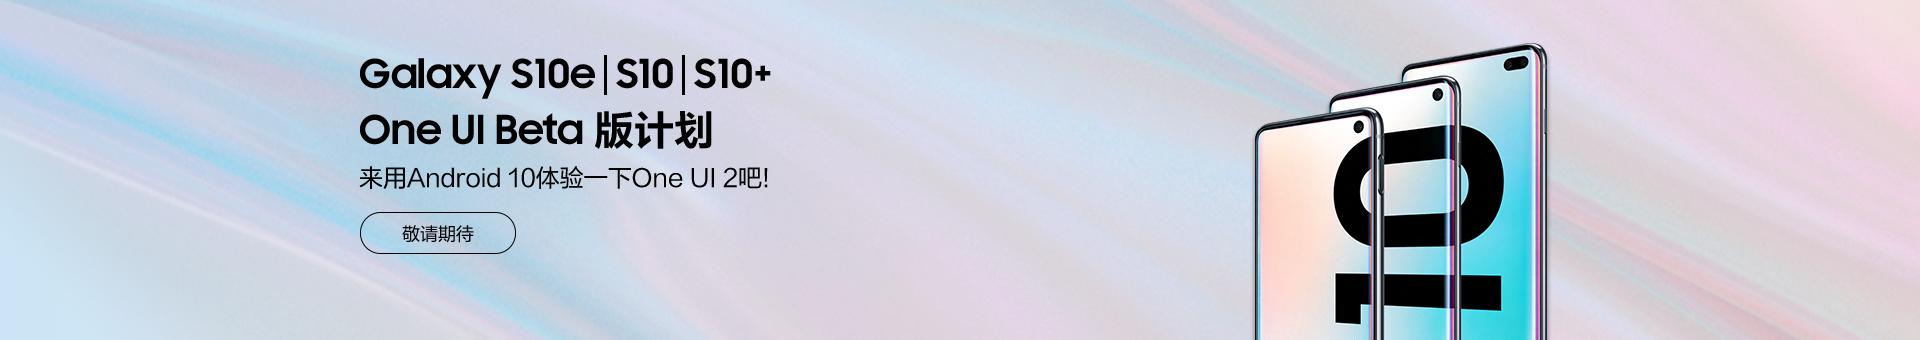 【公告】关于Galaxy S10系列用户 One UI 2.0内测体验